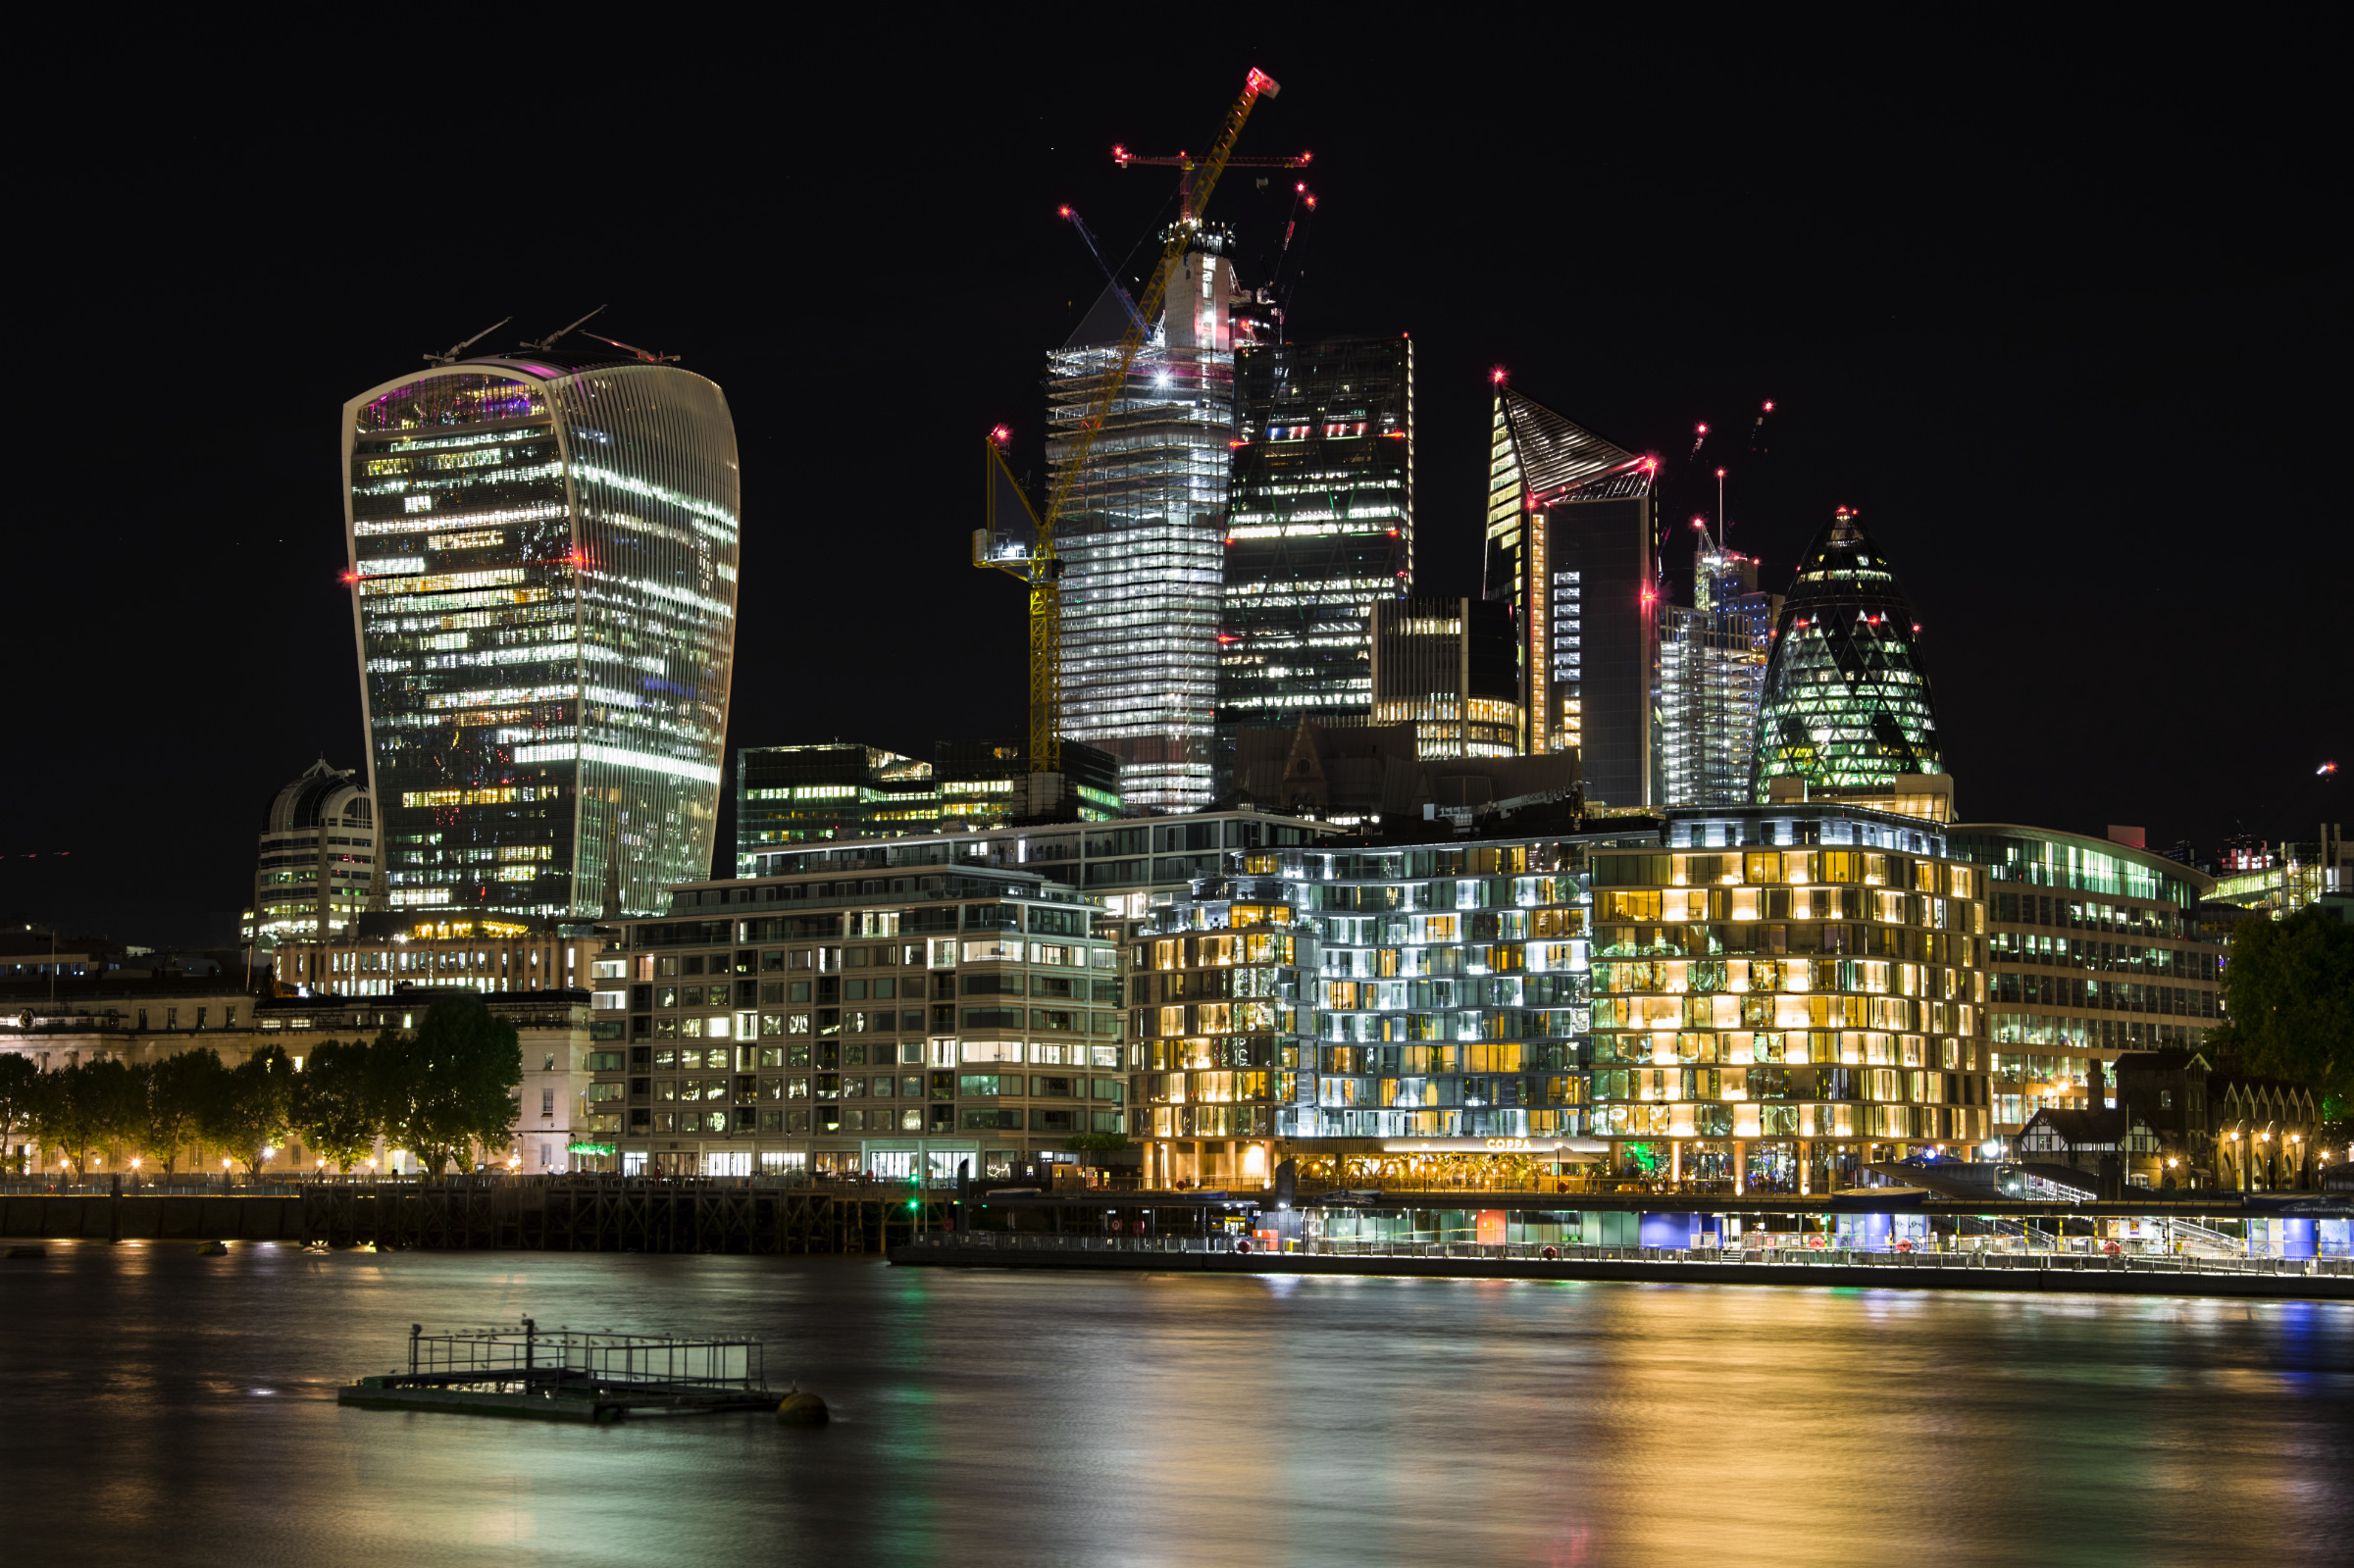 Londra una città sempre in movimento, L'alveare...